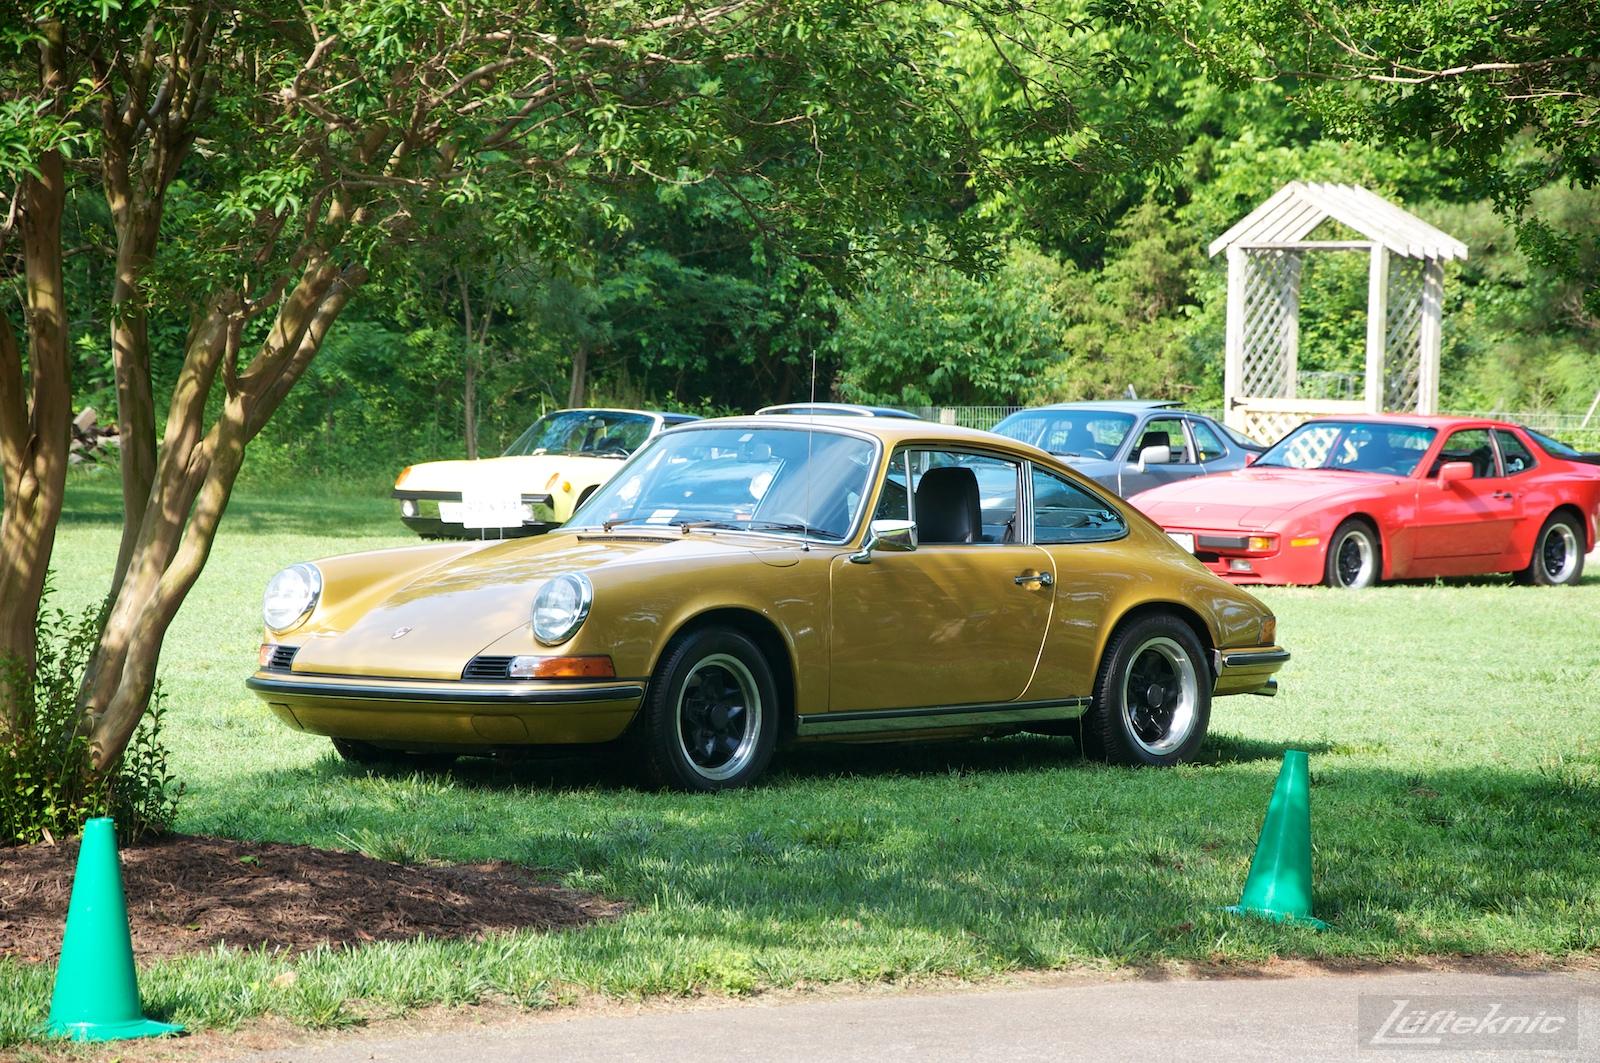 Richmond Porsche meet gold 911.